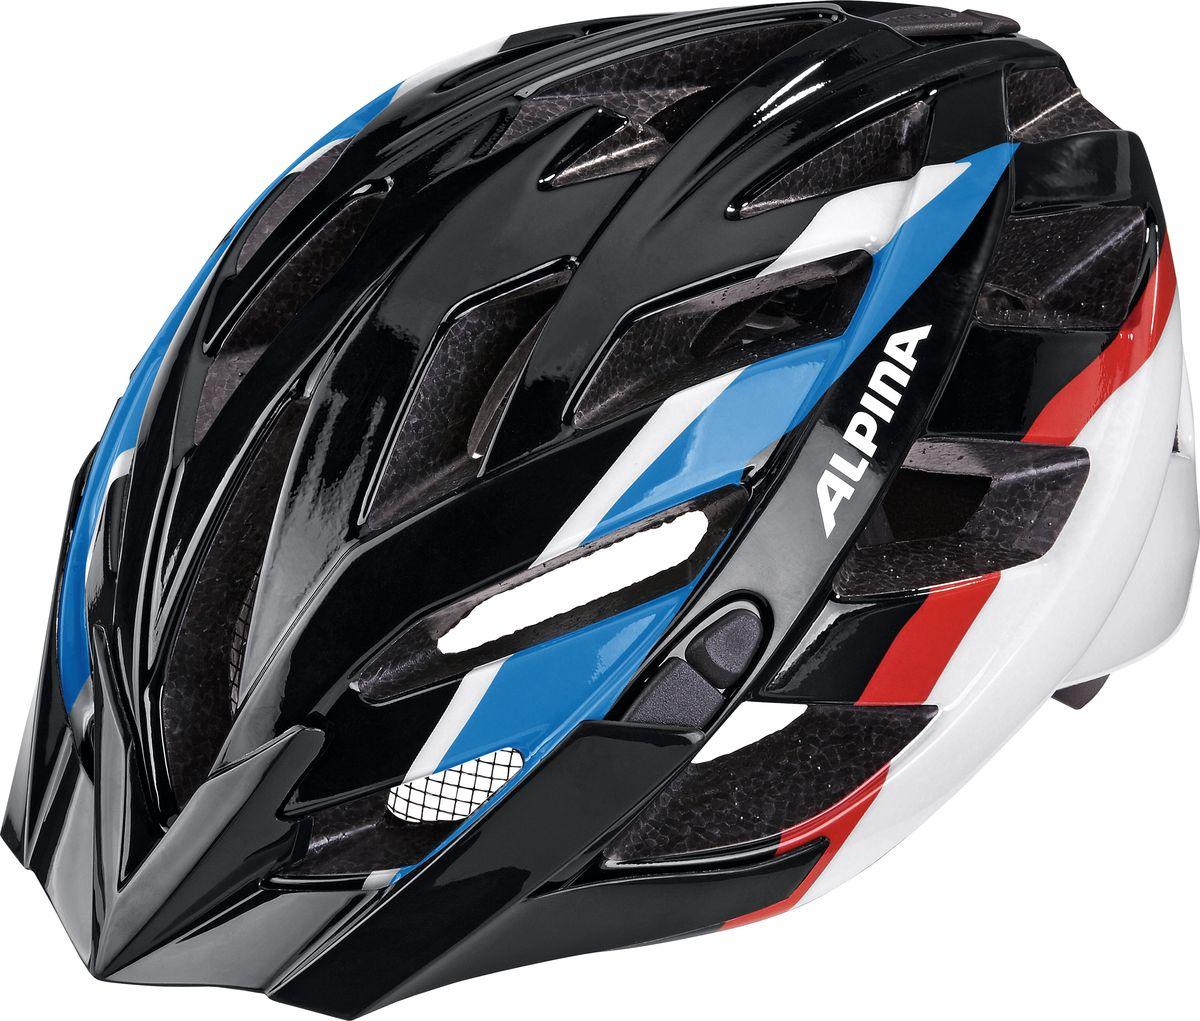 Шлем летний Alpina Panoma, цвет: черный, синий, красный. A9665136. Размер 52/57A9665136Классический универсальный велосипедный шлем с превосходной посадкой. Panoma - верный компаньон в ежедневных поездках до работы и выездов по выходным. 23 вентиляционных отверстия.Безопасность:Оболочка InmoldПроизводственный процесс заключается в нагревании до высокой температуры внешней поликарбонатной оболочки и запекании ее на EPS-тело шлема под высоким давлением. Этот процесс создает неразрывную связь по всей поверхности между внутренней и внешней оболочками, благодаря этому шлем получается не только очень легким, но и чрезвычайно стабильным.Hi-EPSВнутренняя оболочка выполнена из Hi-EPS (вспениный полистирол). Этот материал состоит из множества микроскопических воздушных камер, которые эффективно поглощают силу удара. Hi-EPS обеспечивает оптимальную защиту в сочетании с экстратонкими стенками.CeramicМатериал объединяет несколько преимуществ: устойчив к ударам и царапинам, содержит ультрафиолетовые стабилизаторы и антистатичен.Эргономика:Run System ClassicЕсли вы используете свой велосипед для того, чтобы съездить по магазинам, вам не нужна сложная система регулировки. Система подгонки Run System Classic отвечает этим требованиям красивым, простым и надежным колесом регулировки. Система Run System Classic проста в использовании и держит шлем надежно, там где он должен быть - на голове.Y-ClipШлем может обеспечить правильную защиту, только если он остается на месте в случае удара. Крепление, которое соединяет две полоски под ухом имеет решающее значение в этом случае. Система Y-Clip Alpina гарантирует идеальную подгонку до последнего миллиметра за считанные секунды.ErgomaticПроверенная бесчисленное количество раз, эта пряжка используется во всех шлемах Alpina. Из особенностей: красная кнопка приводящая в действие механизм автоматической многоступенчатой регулировки. Пряжку можно расстегнуть или застегнуть одной рукой, так, например, вы можете ослабить ремень при езде в гору, и зат